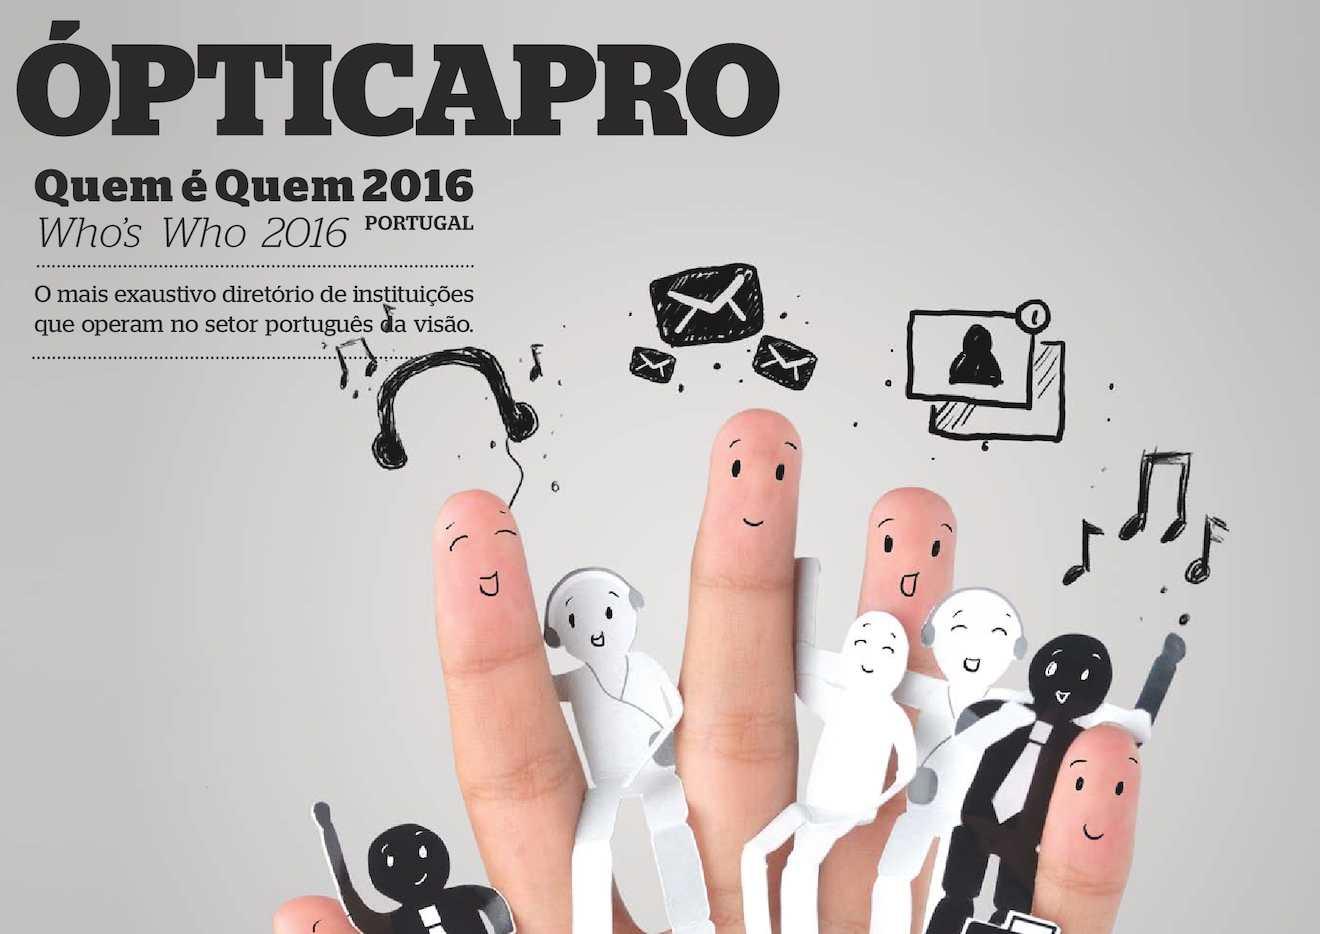 Calaméo - ÓpticaPro 152 - Quem É Quem 2016 e298aa07fa